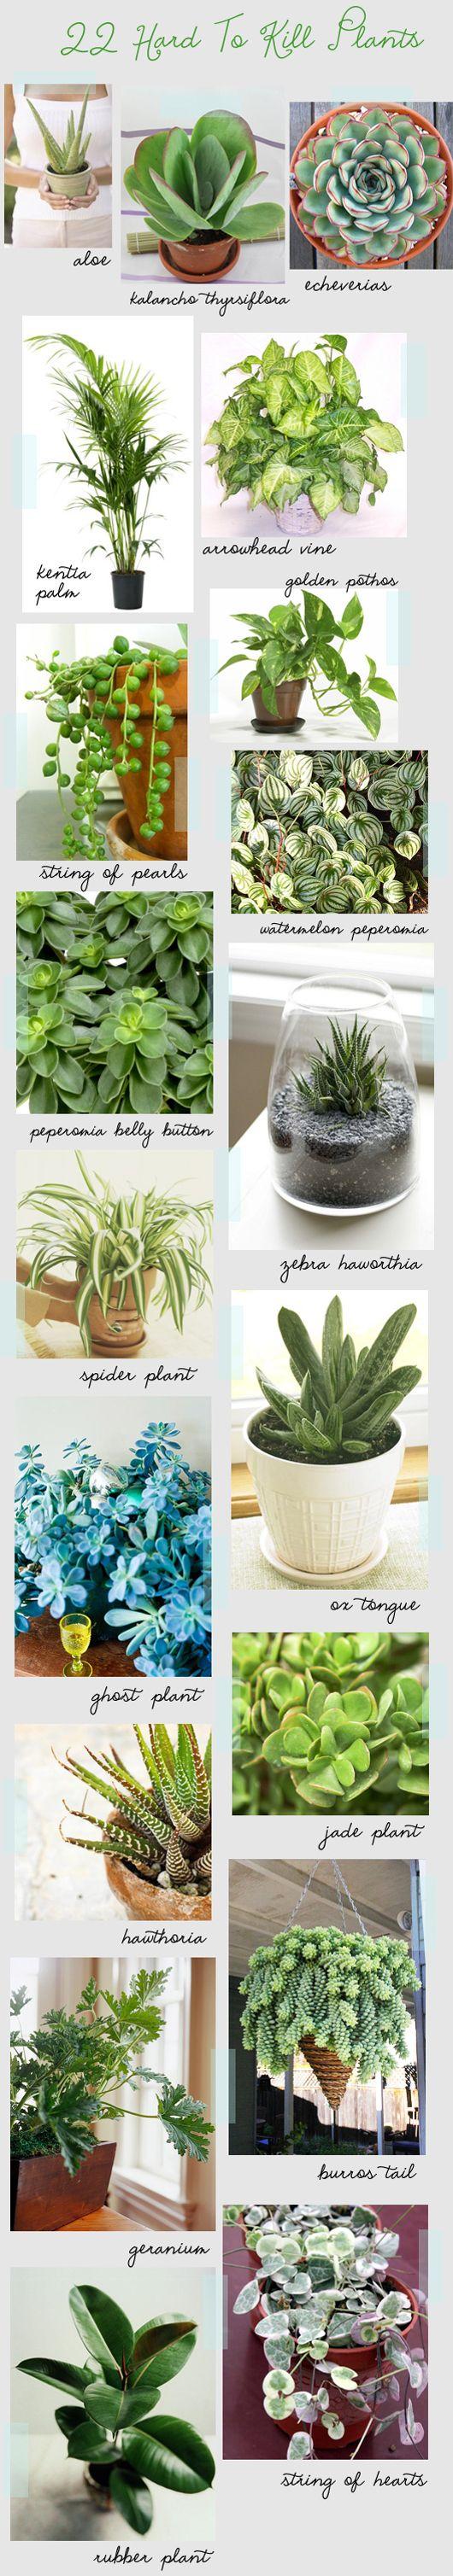 22 Hard to Kill House Plants Petite fée clochette à besoin de plantes pour survivre Et de belles plantes pour créer et être inspiré par elles ⛲